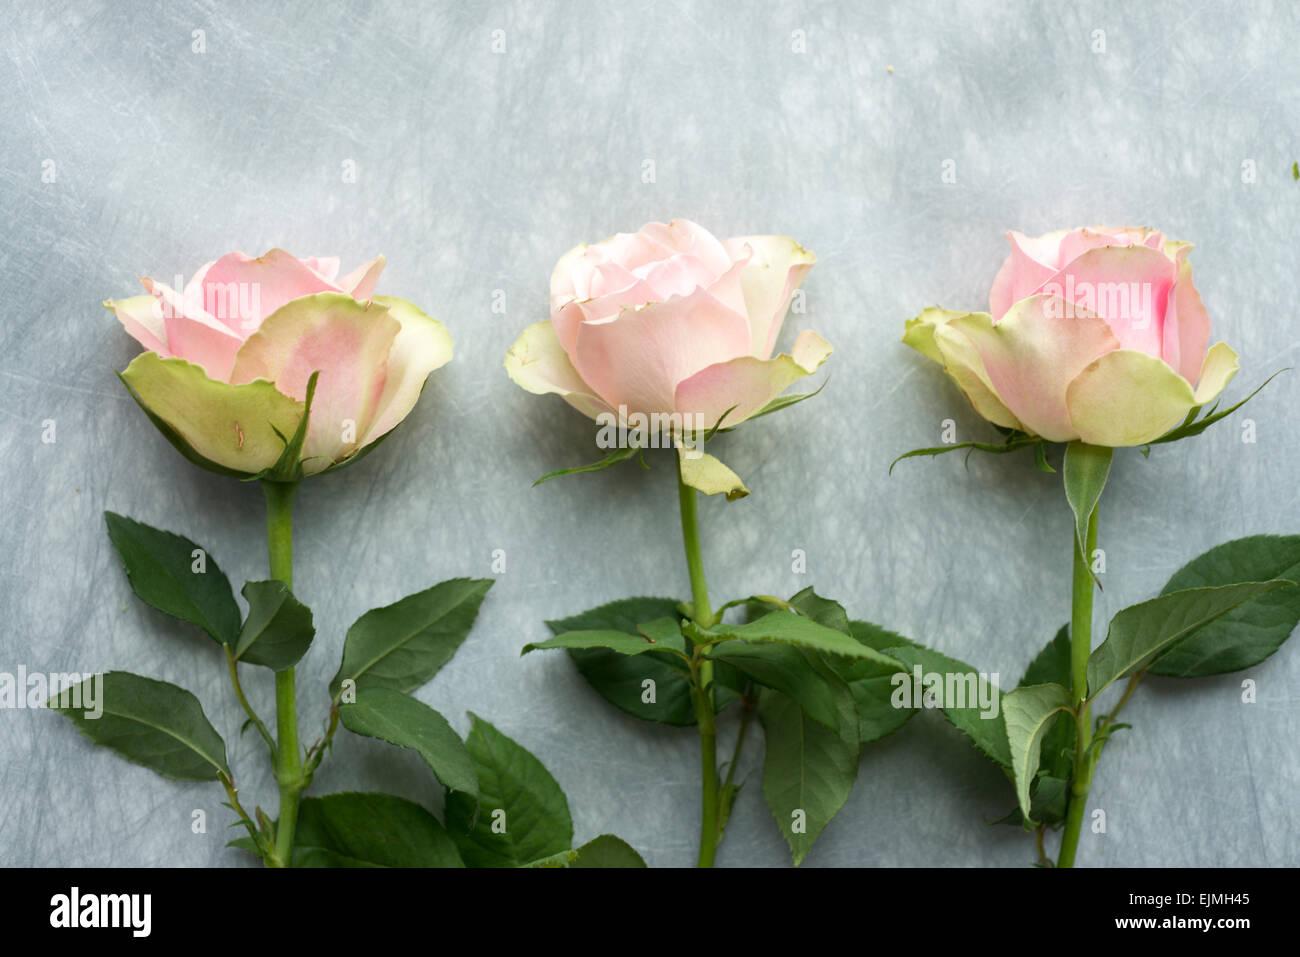 rosa und grün schneiden rosen in stillleben anordnung stockfoto